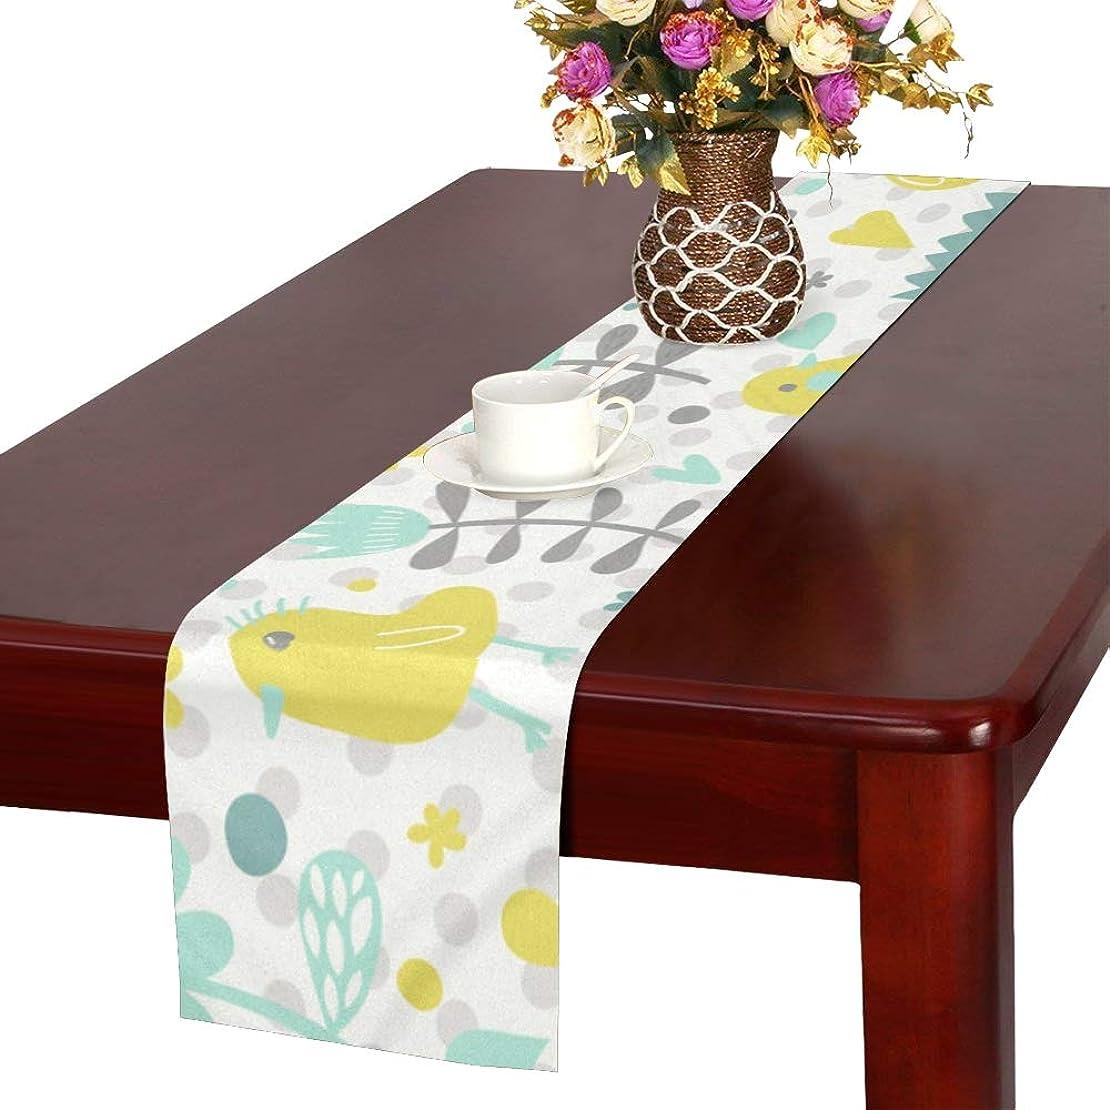 一次子羊中傷GGSXD テーブルランナー 面白い ひよこ クロス 食卓カバー 麻綿製 欧米 おしゃれ 16 Inch X 72 Inch (40cm X 182cm) キッチン ダイニング ホーム デコレーション モダン リビング 洗える